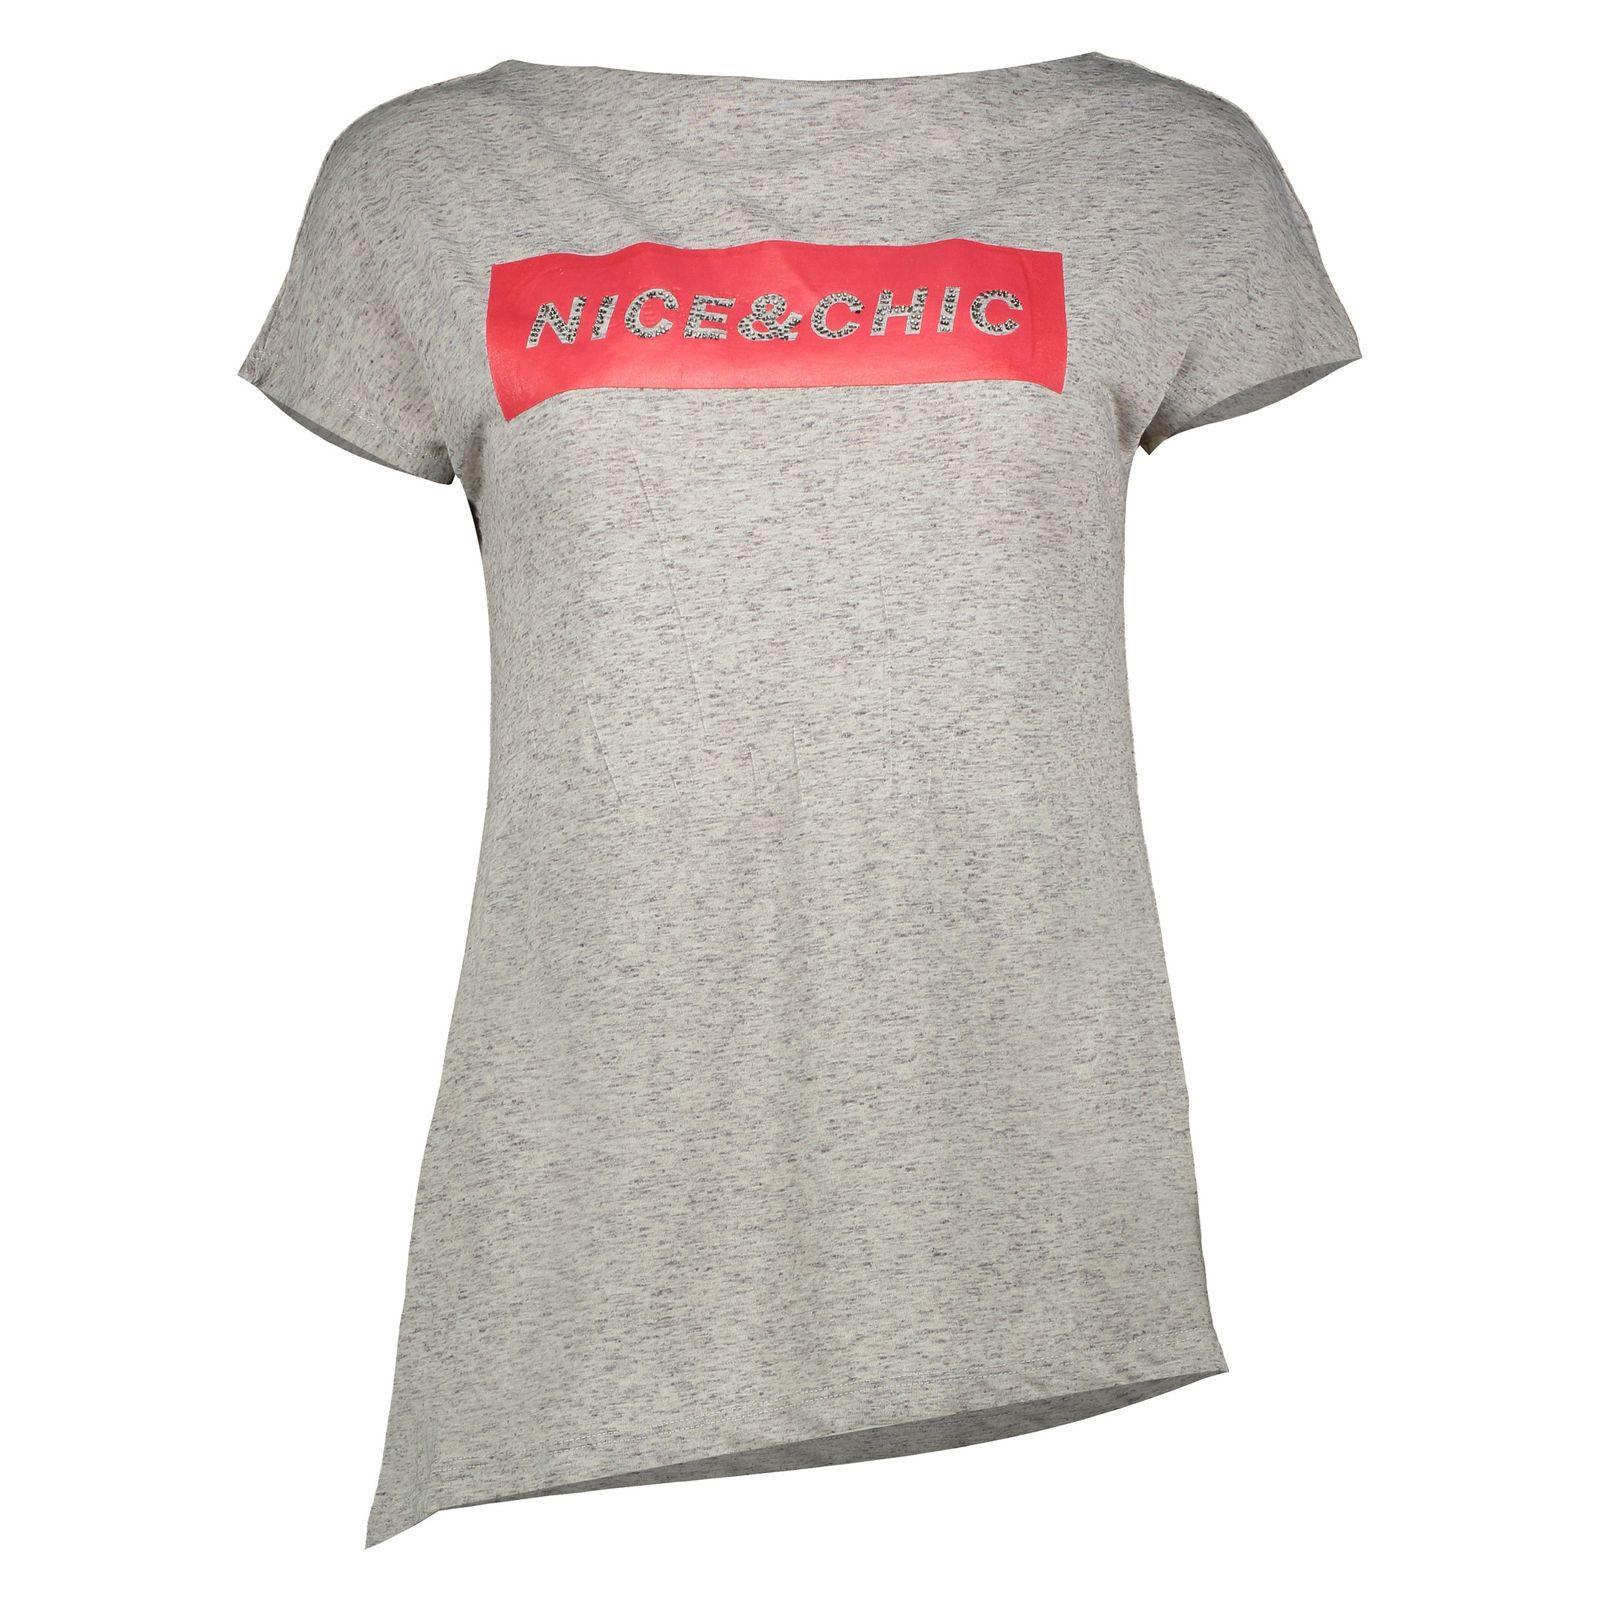 تی شرت زنانه یوپیم مدل 5135527 -  - 1